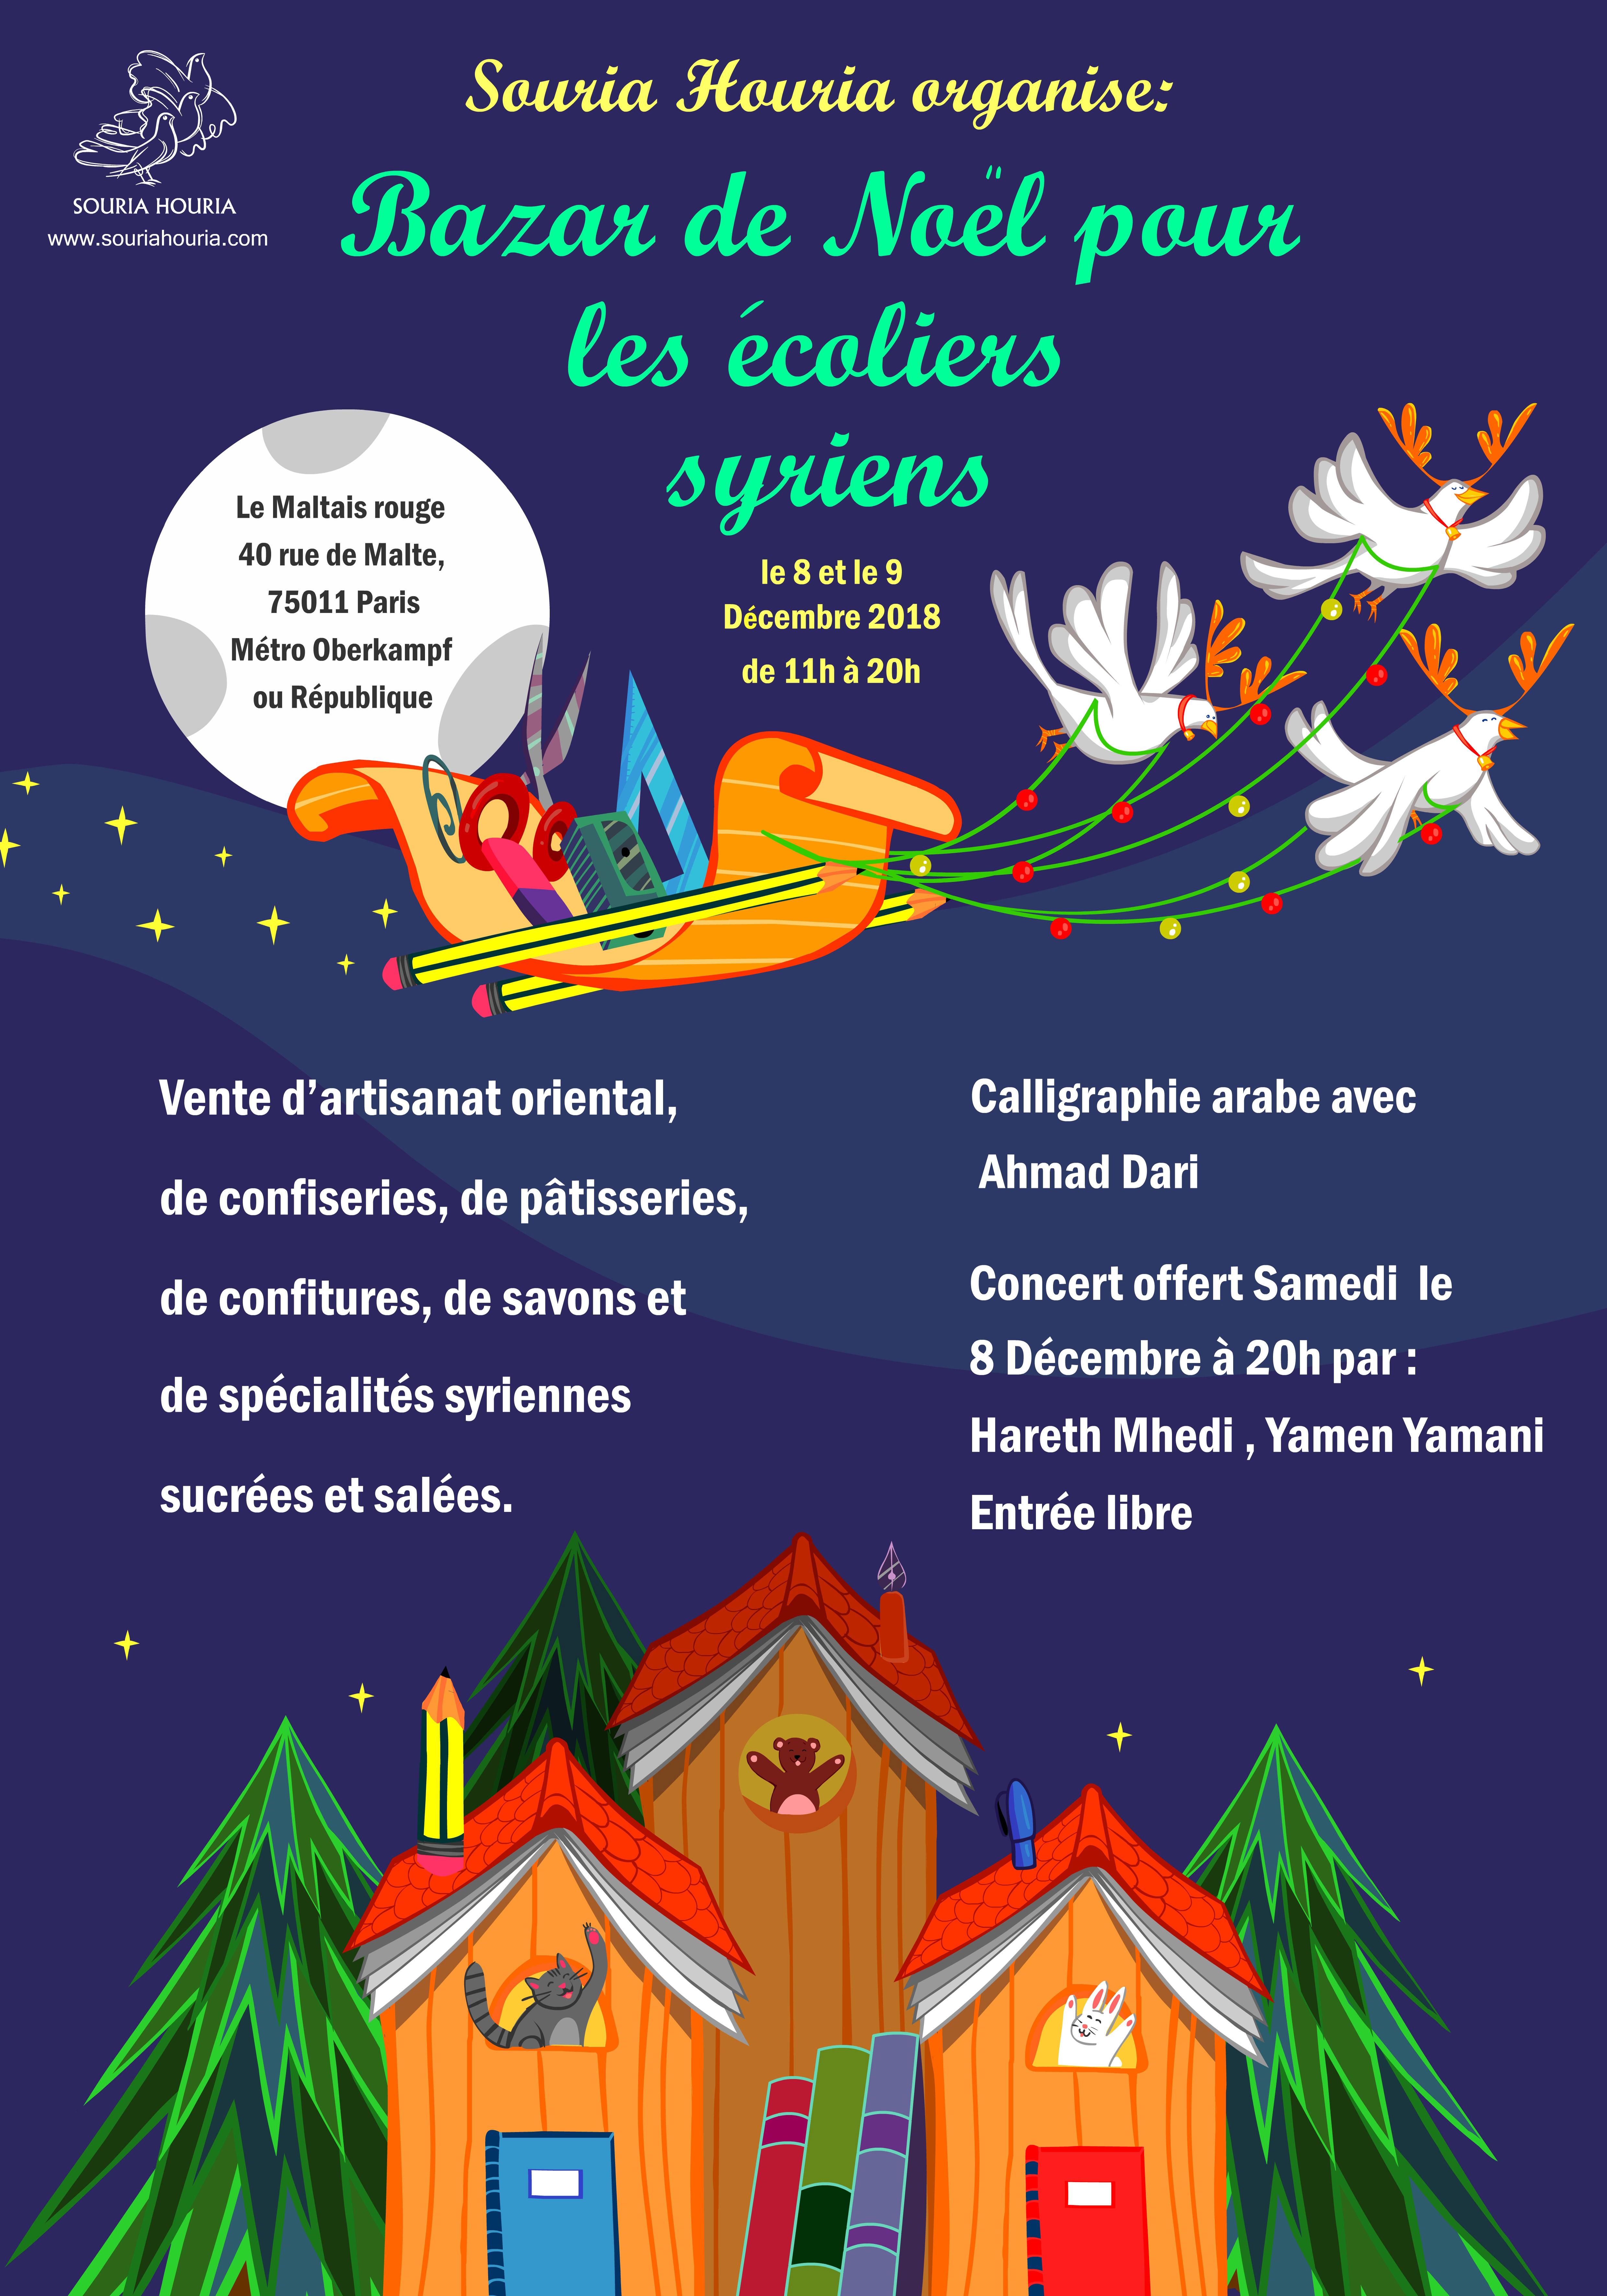 6 ème Bazar de Noël par SouriaHouria